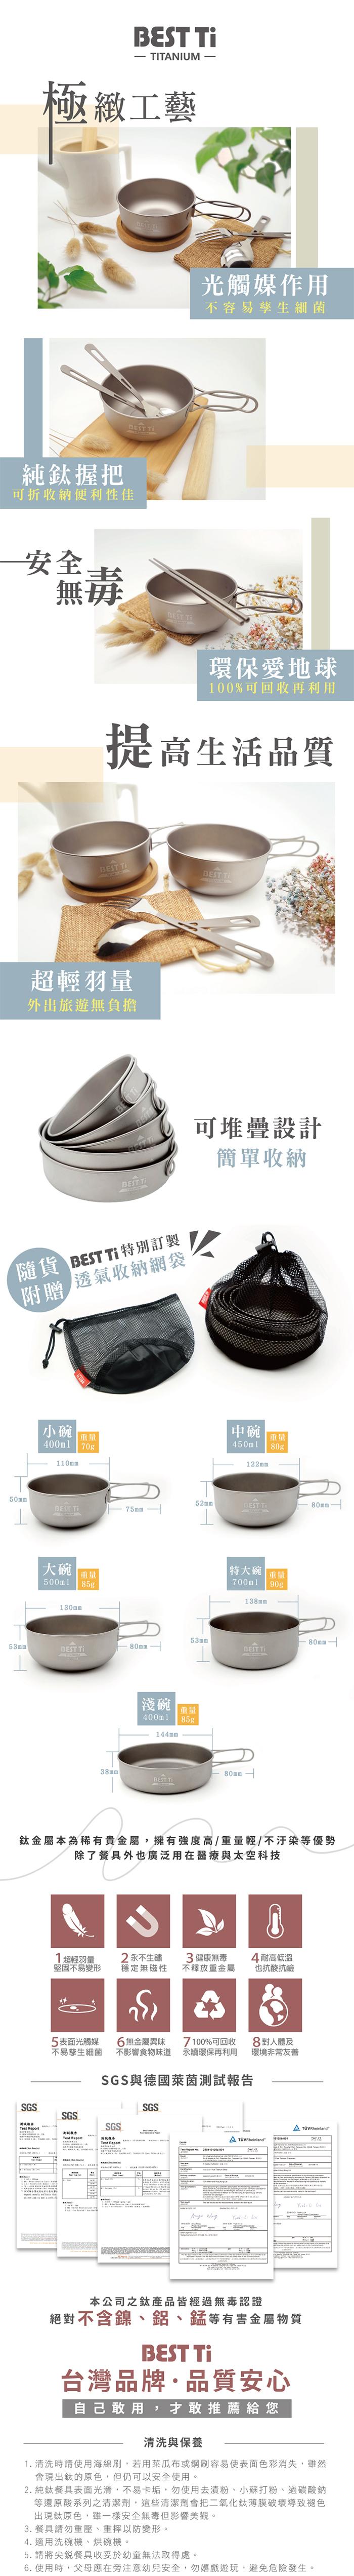 (複製)BergHOFF焙高福|Ron羅恩白楊日式刀(16CM)